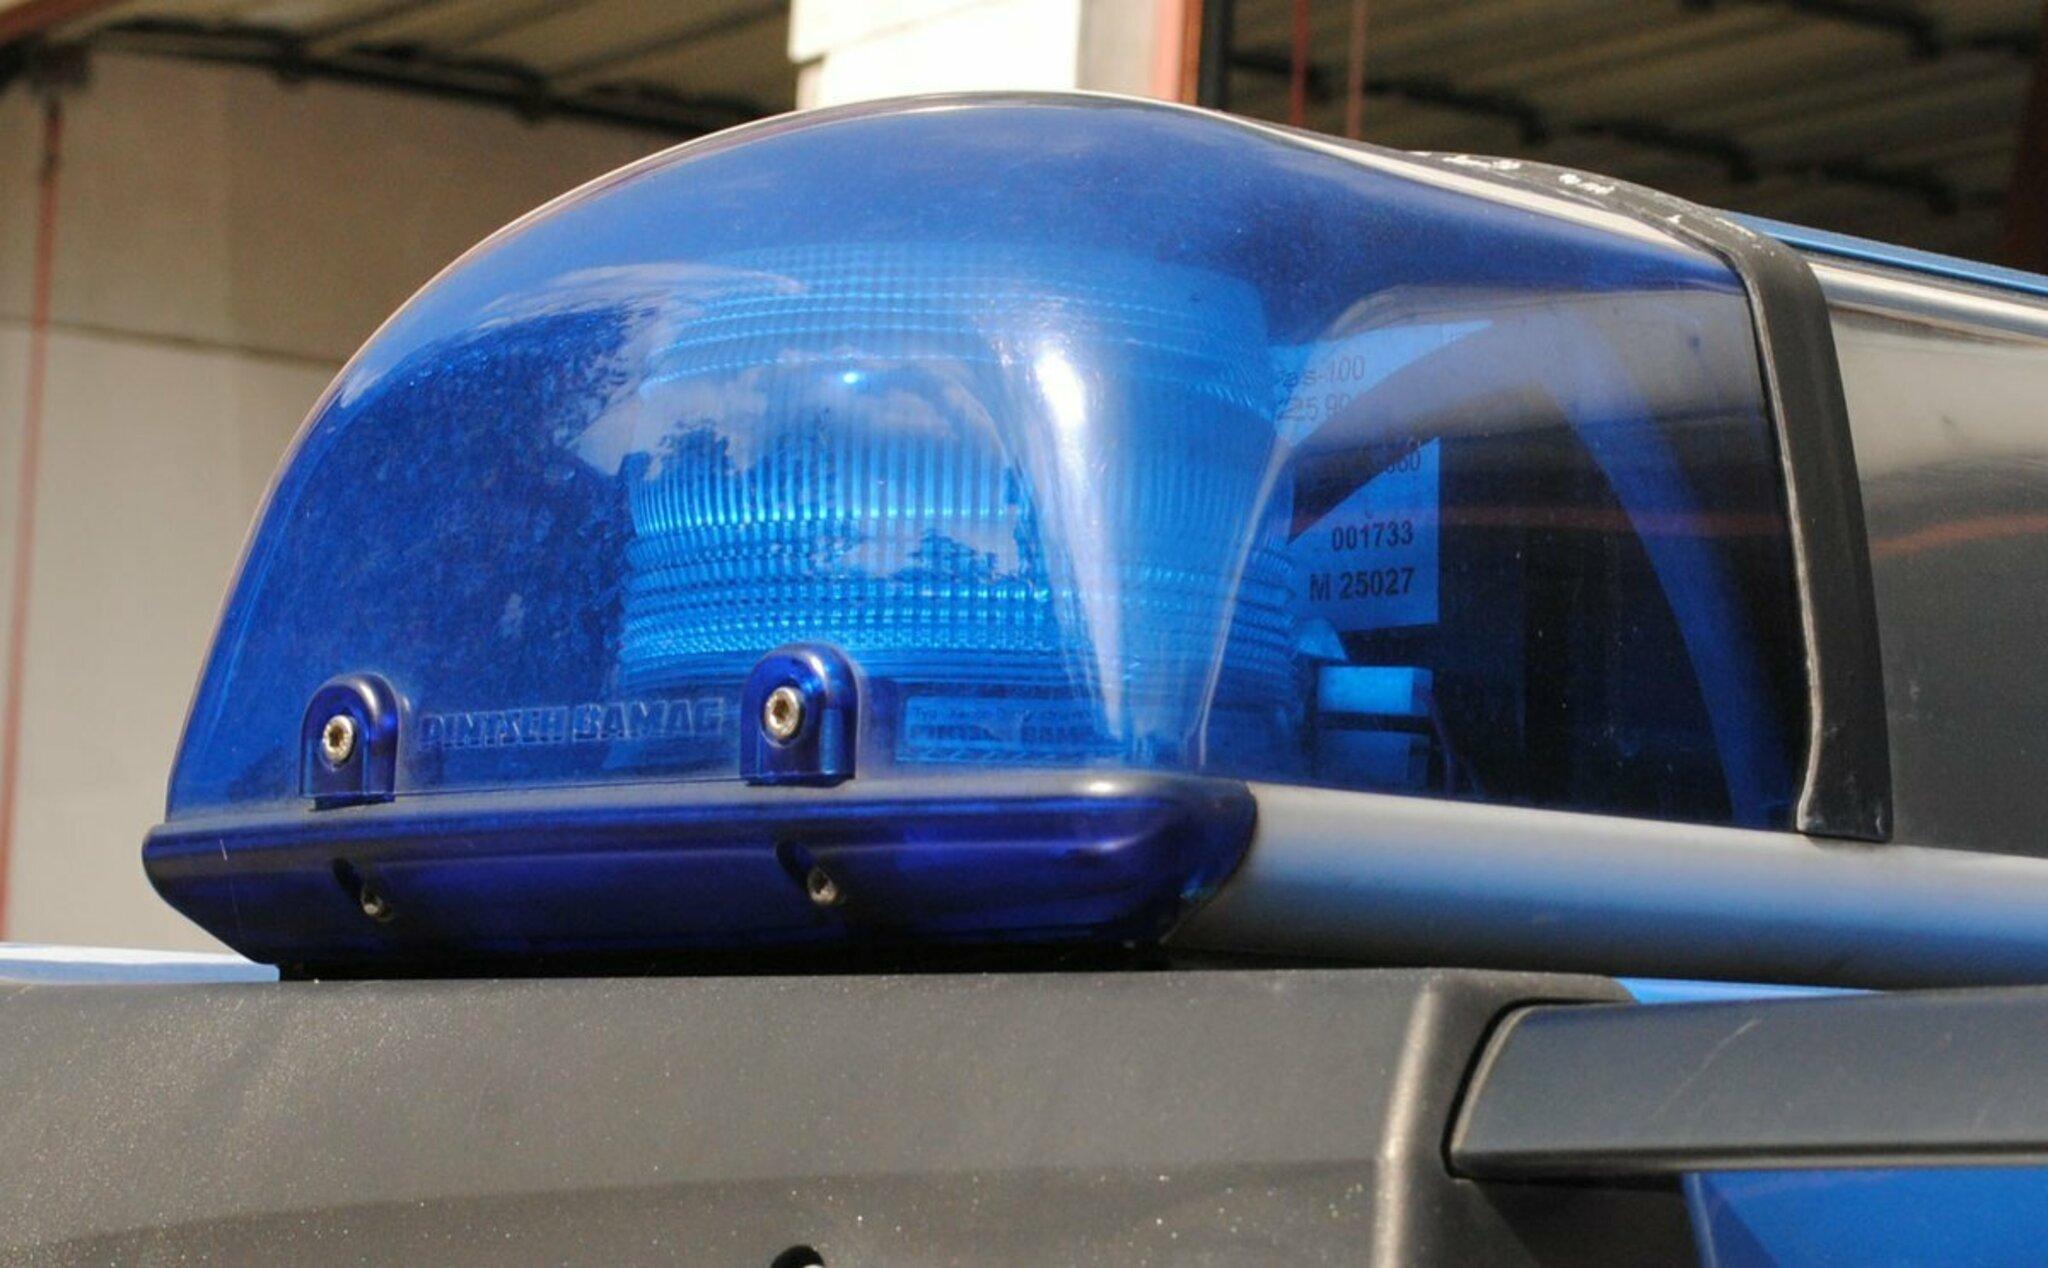 Täter flüchtete sofort                                                                  Hausbewohnerin ertappt Einbrecher